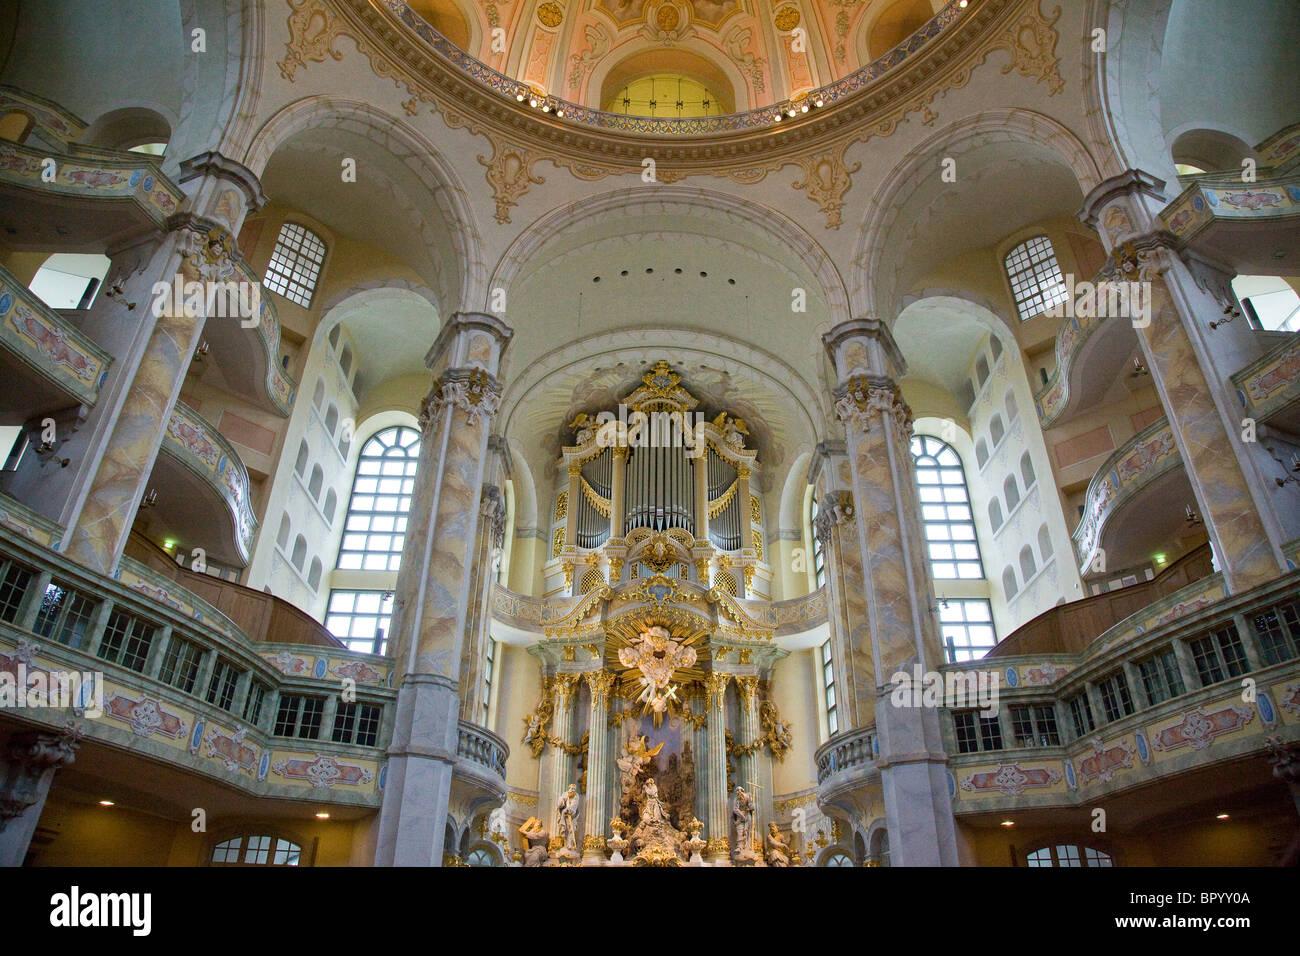 Fotografía de un órgano gigante en una antigua catedral en Dresden Alemania Imagen De Stock